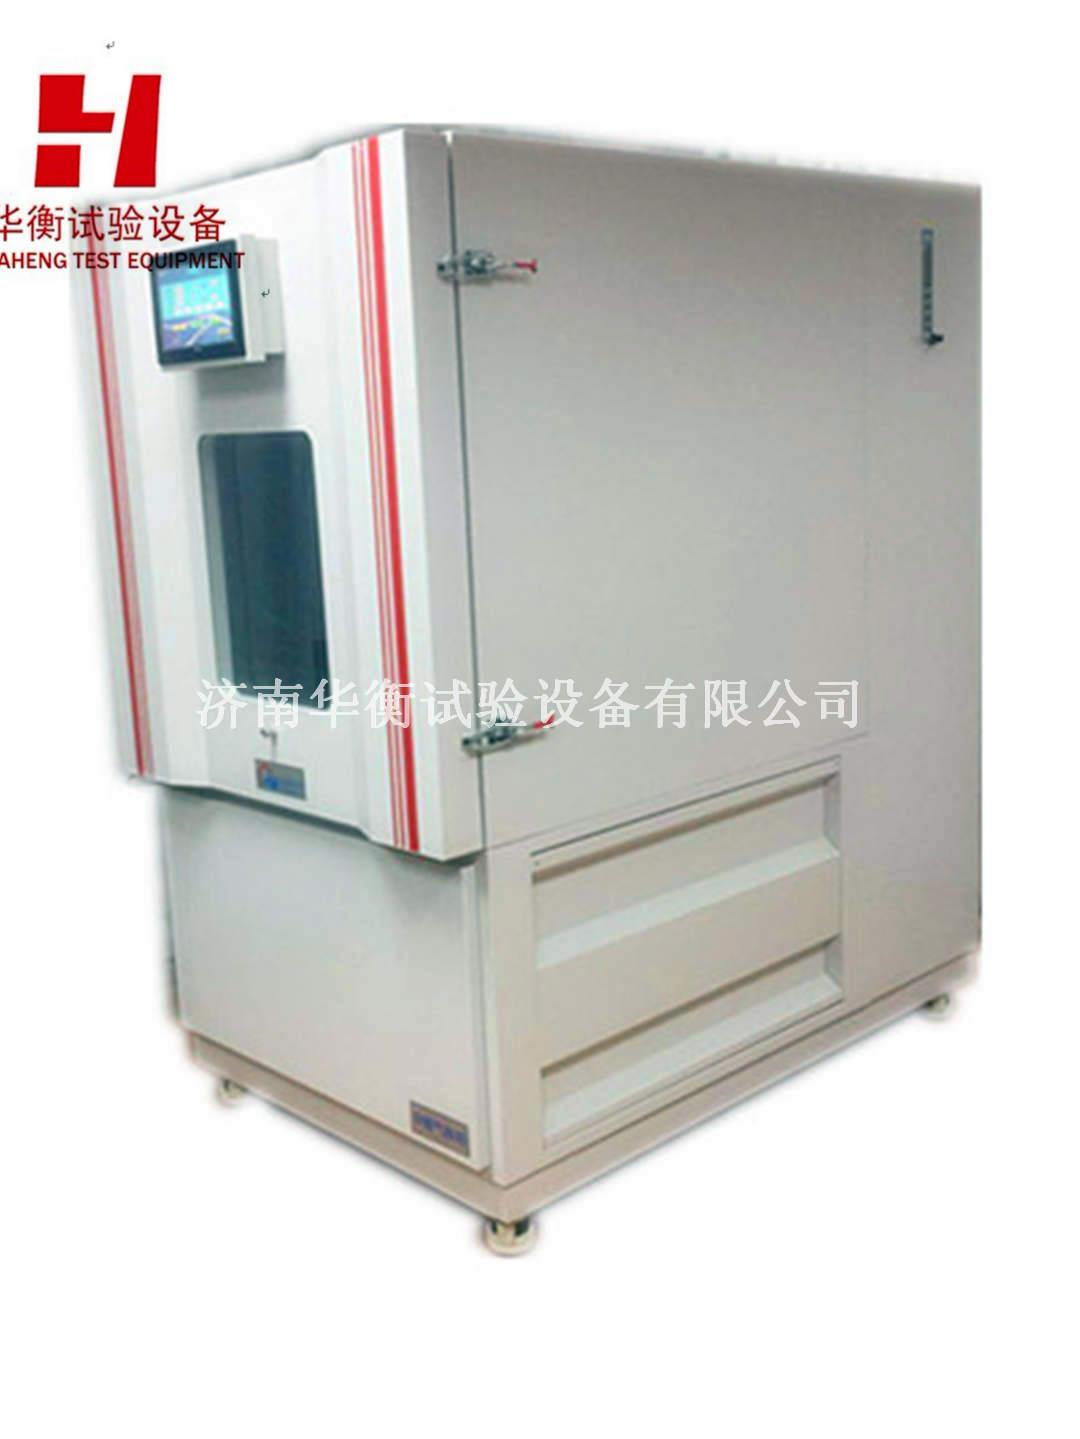 甲醛气候箱GB18580-2017甲醛检测气候箱